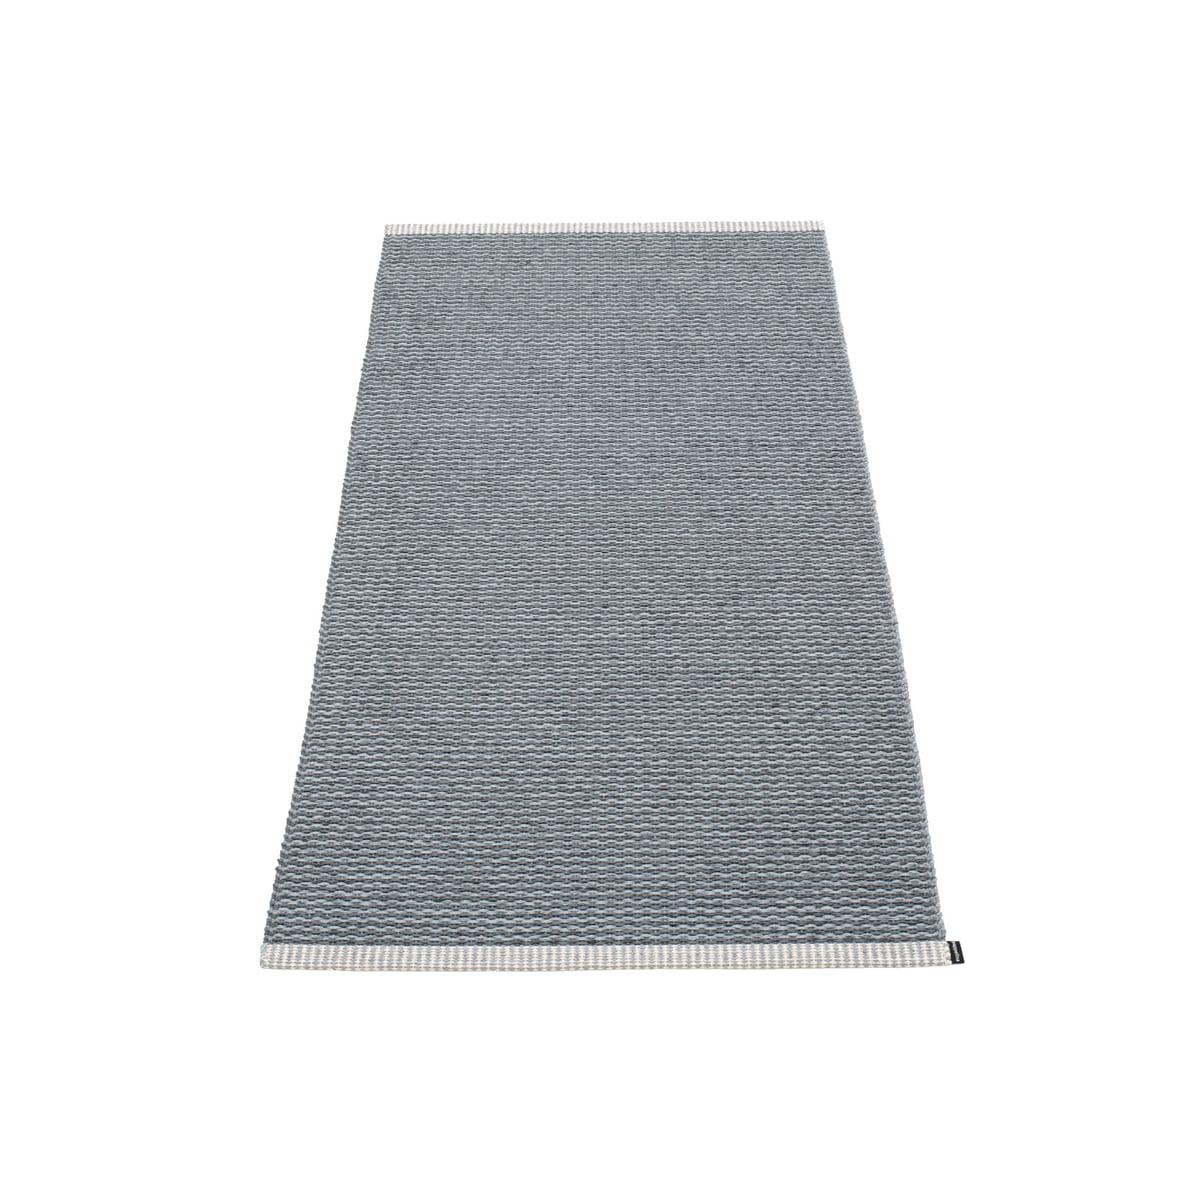 Pappelina - Mono Teppich, 60 x 150 cm, granit / grey | Heimtextilien > Teppiche | Granitgrau | Kettfäden aus polyester | Pappelina